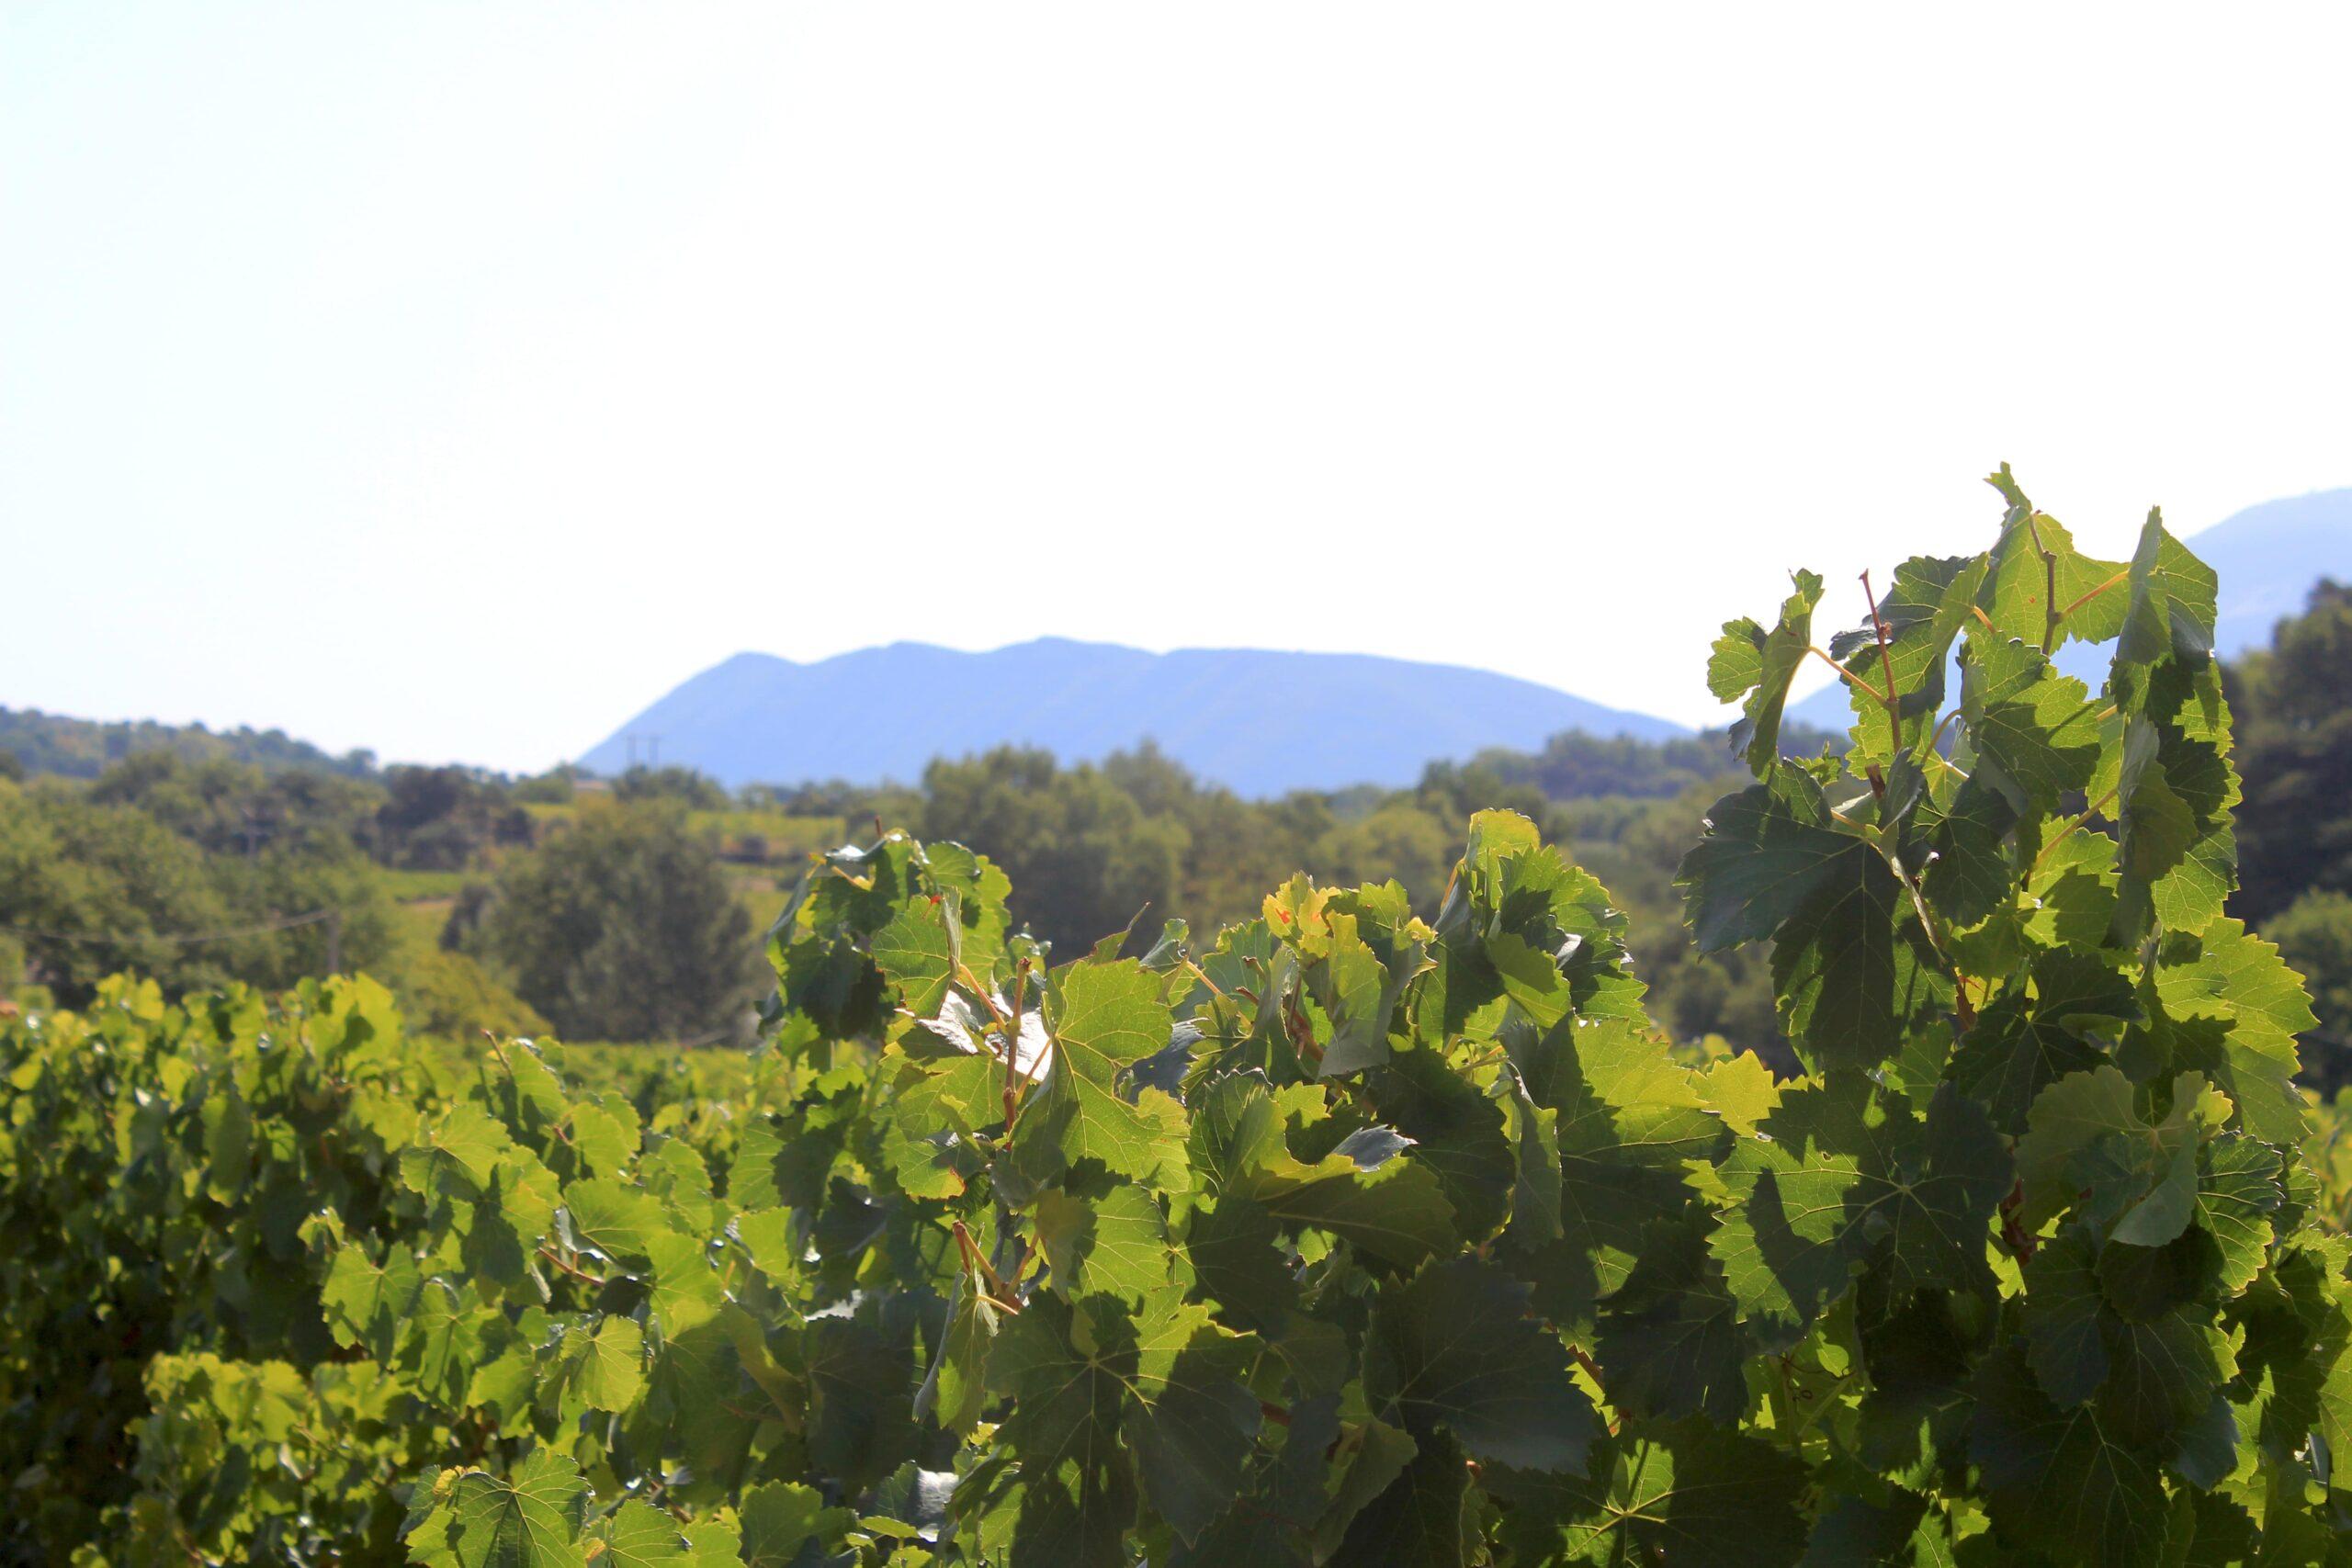 Photos champs de vigne avec vue sur colline